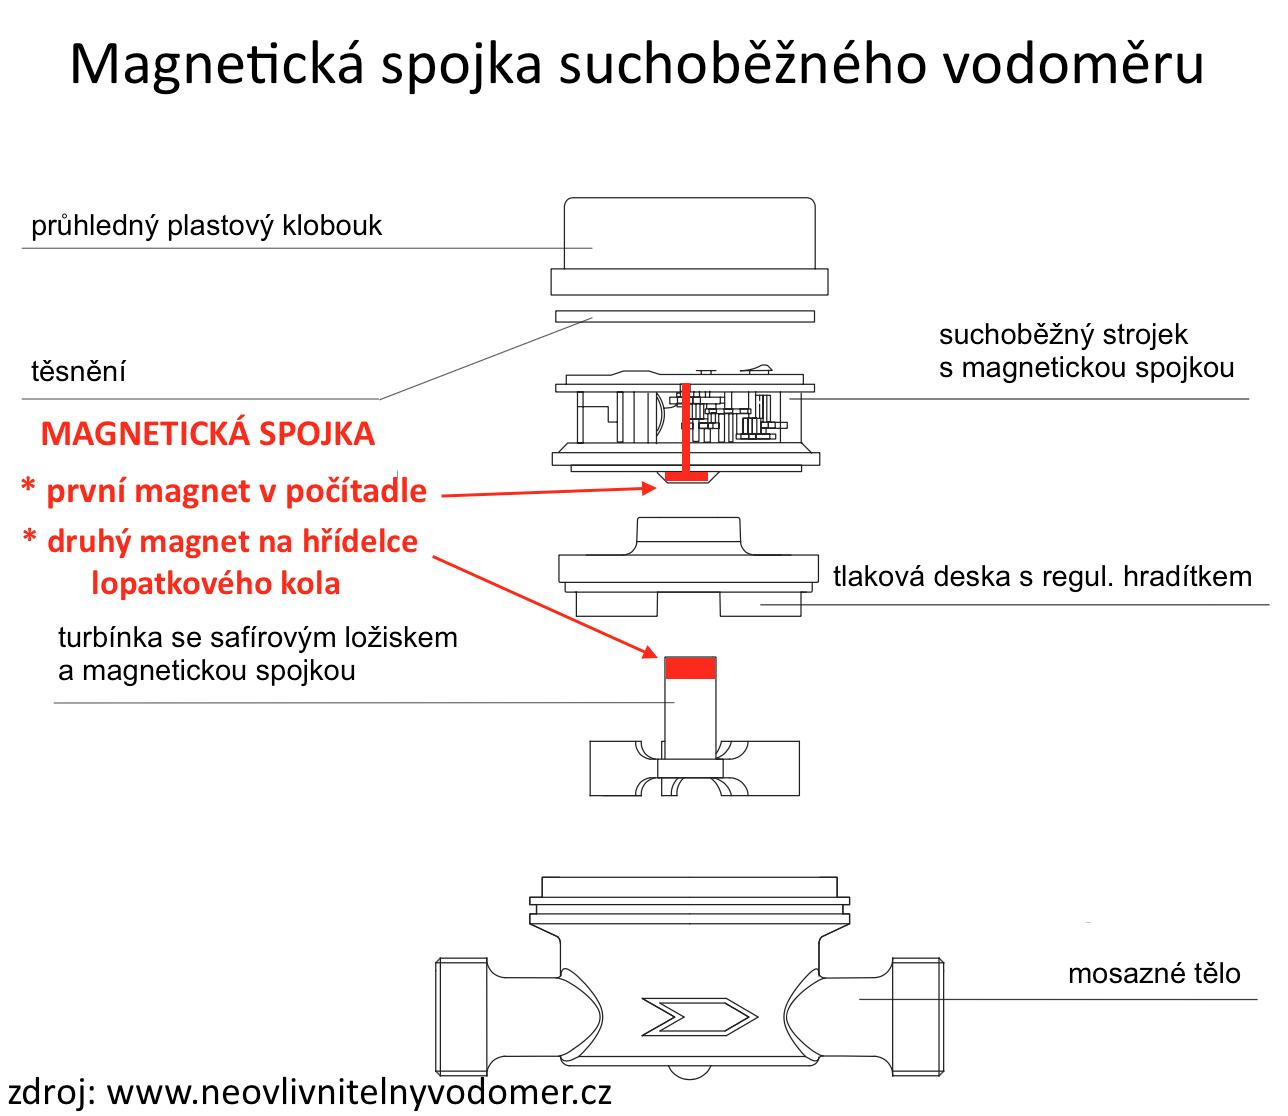 magnetická spojka vodoměru